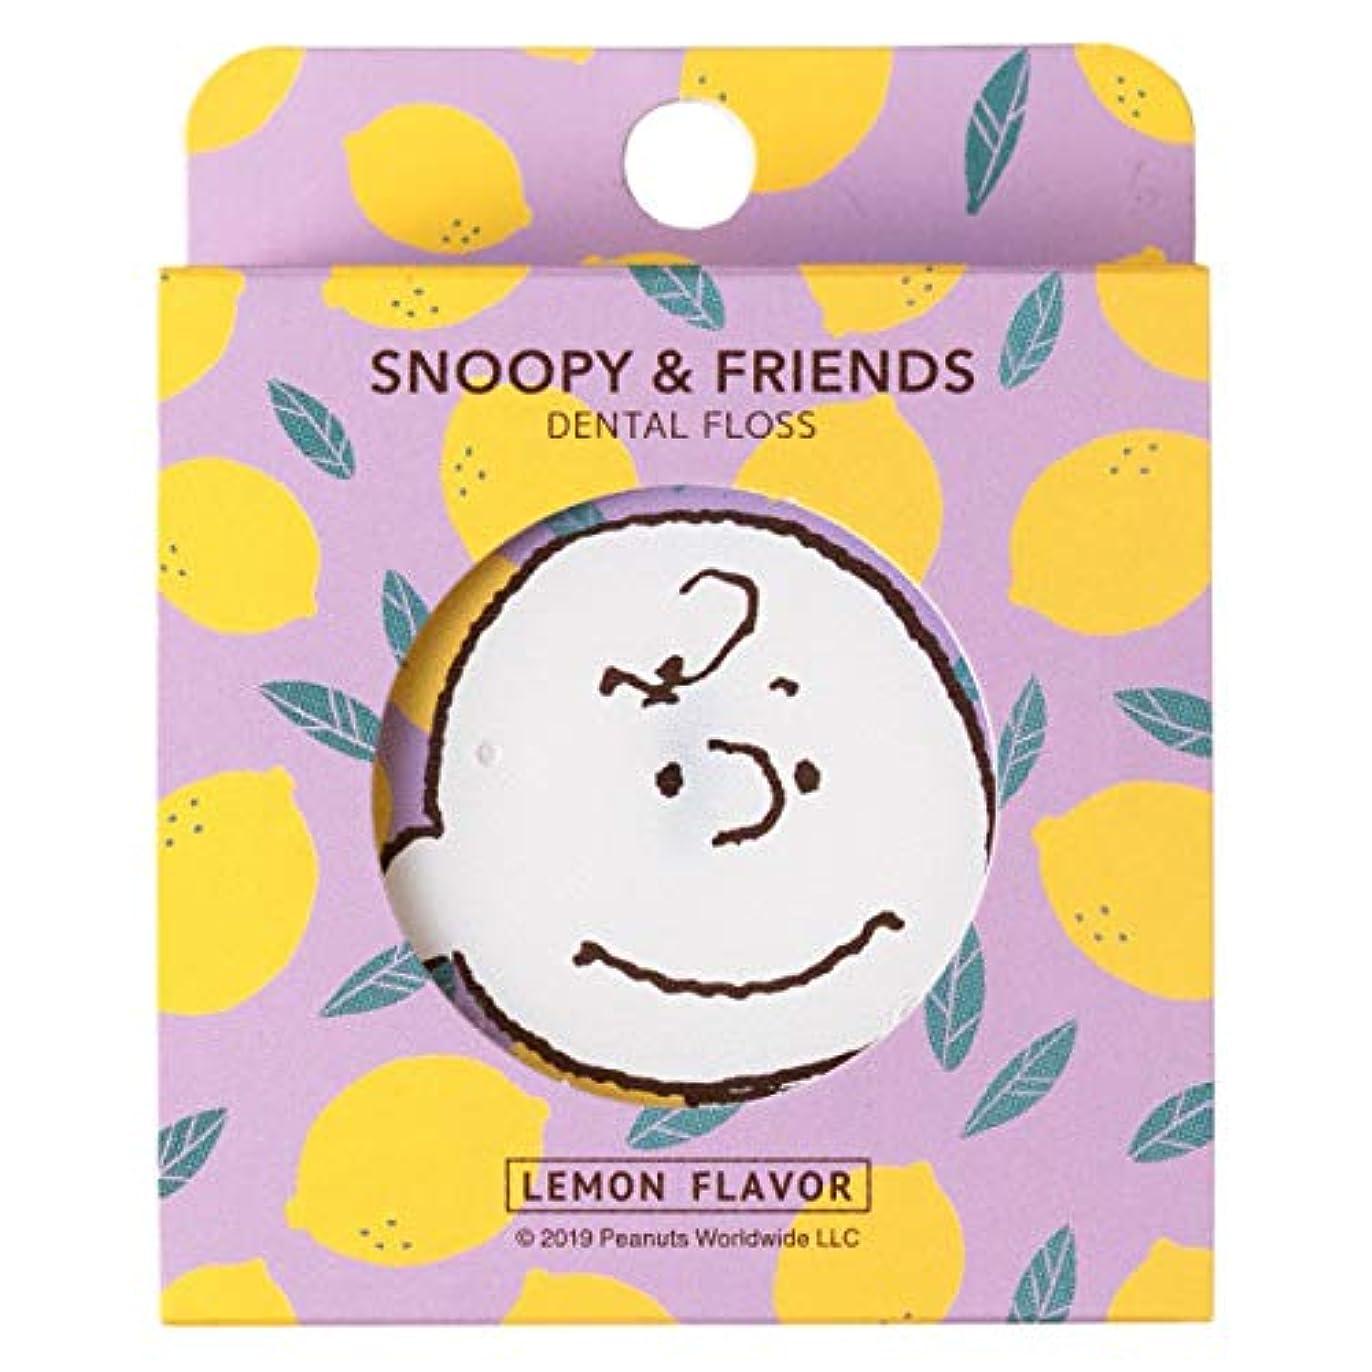 続編寝具作成するFINE(ファイン) スヌーピー&フレンズ デンタルフロス 約3ヶ月分 レモンの香り 50m